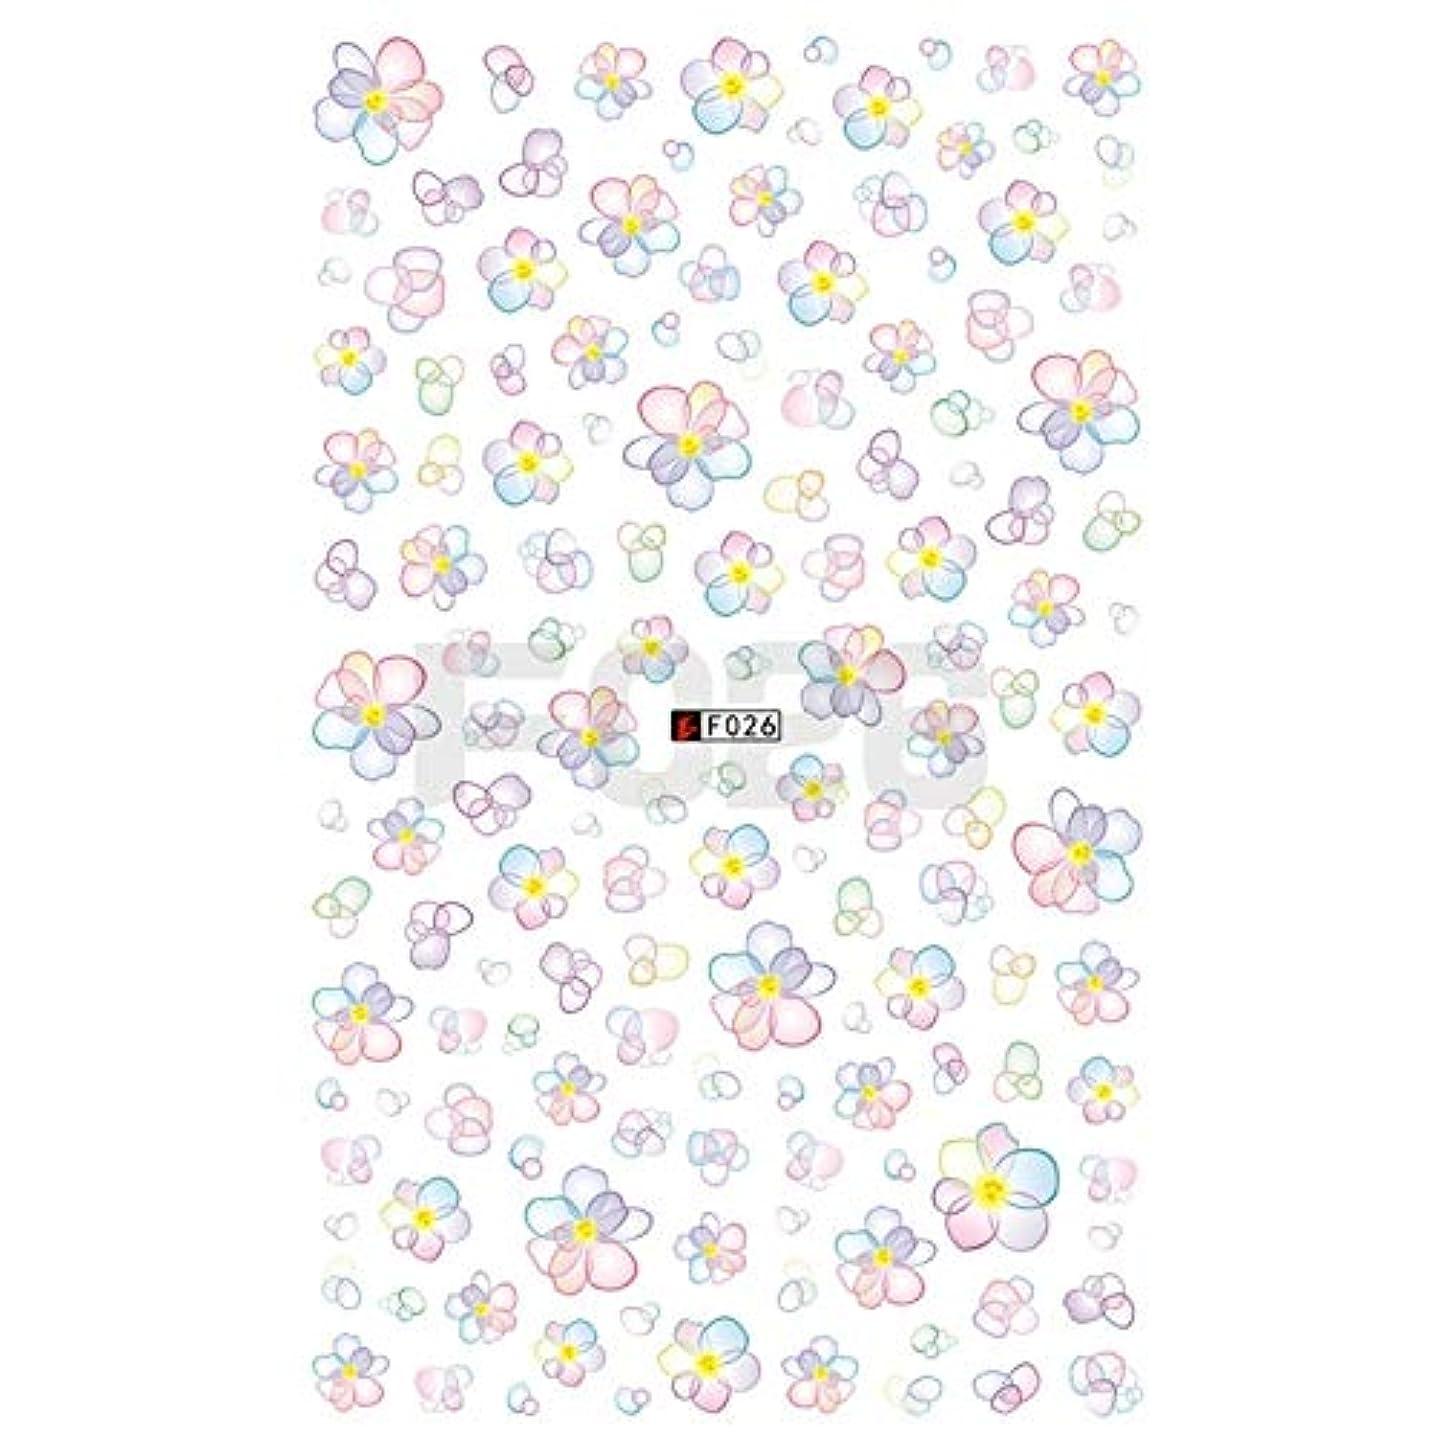 バリケードドライ端MEI1JIA CELINEZL 3 PCS 3Dネイルステッカー咲く花3Dネイルアートステッカーデカール(F199) (色 : F026)